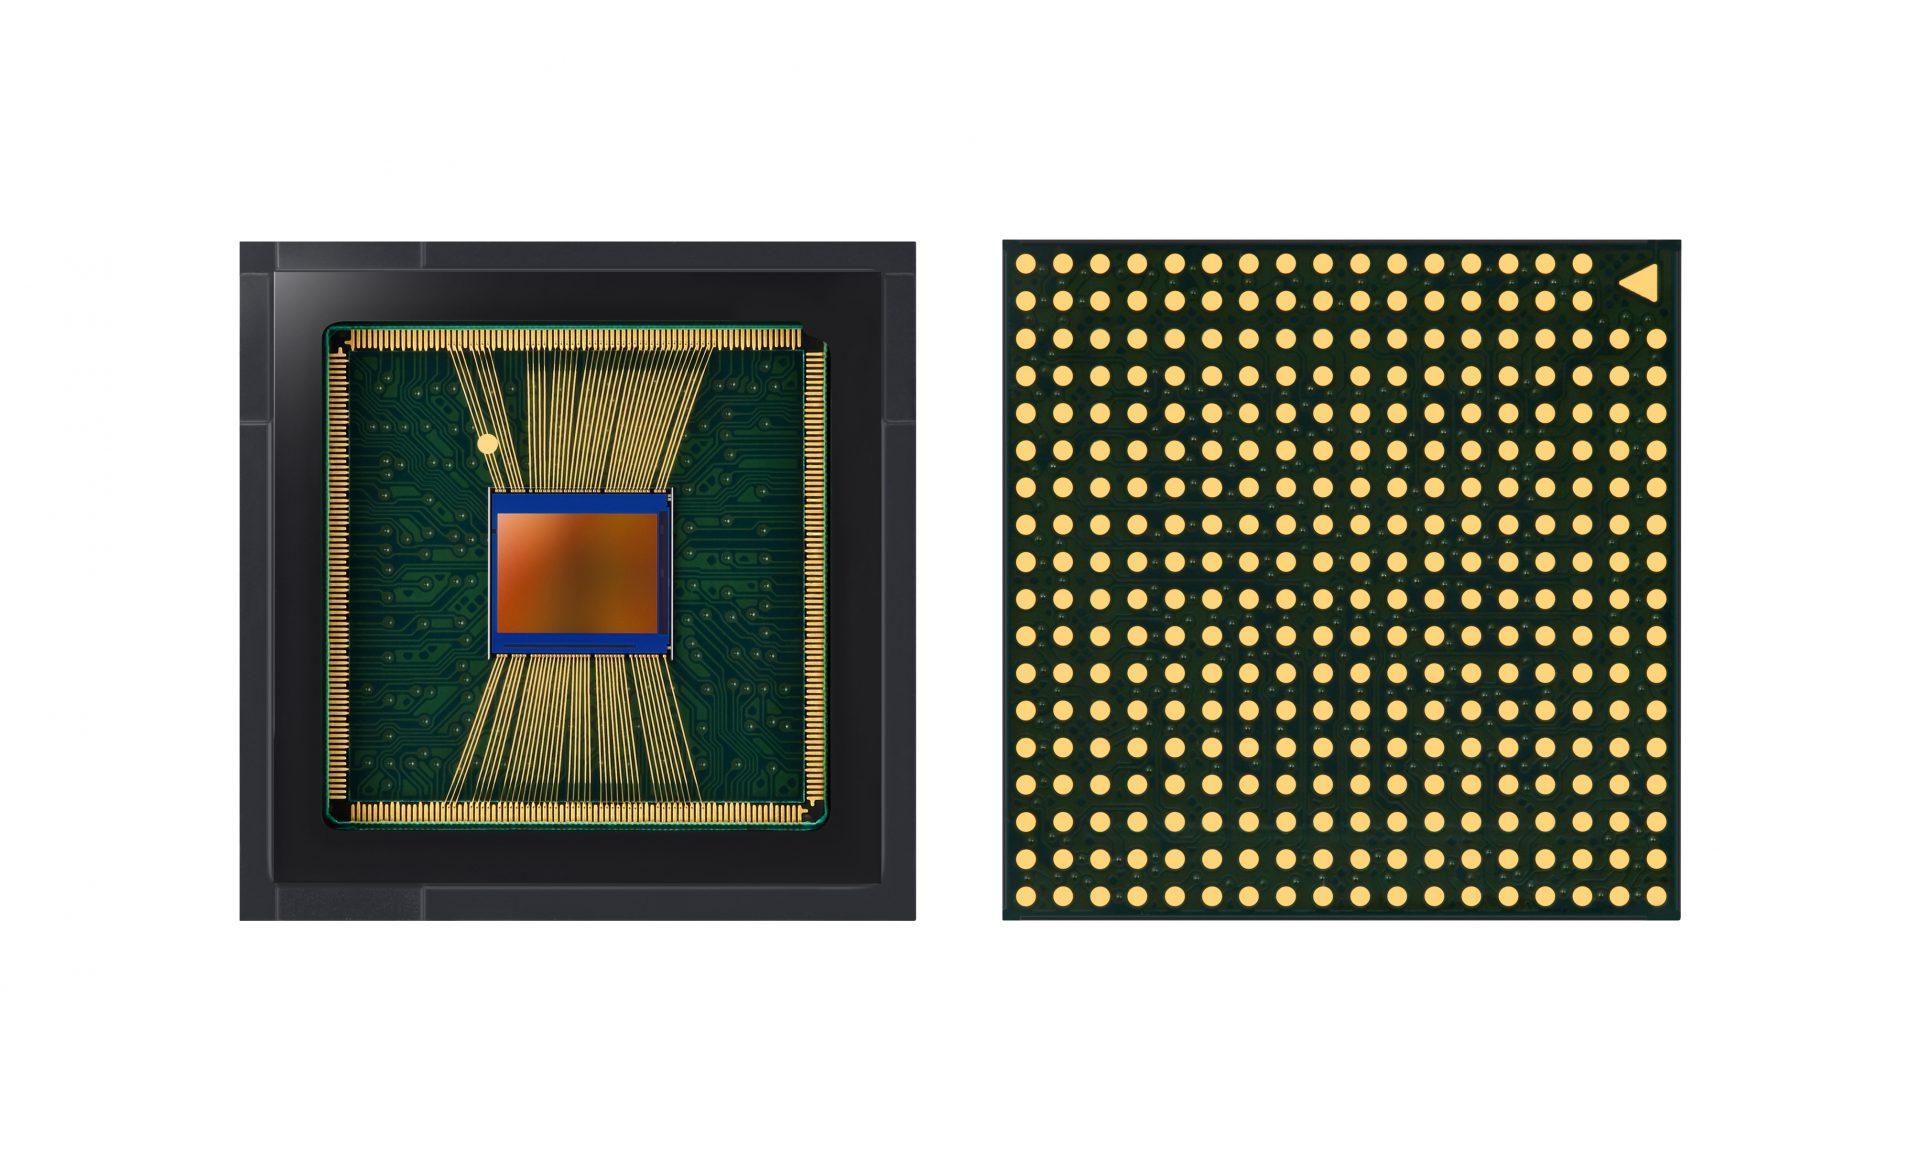 Samsung giới thiệu cảm biến camera siêu nhỏ ISOCELL Slim 3T2: 20MP, siêu nhỏ gọn, cho smartphone tầm trung